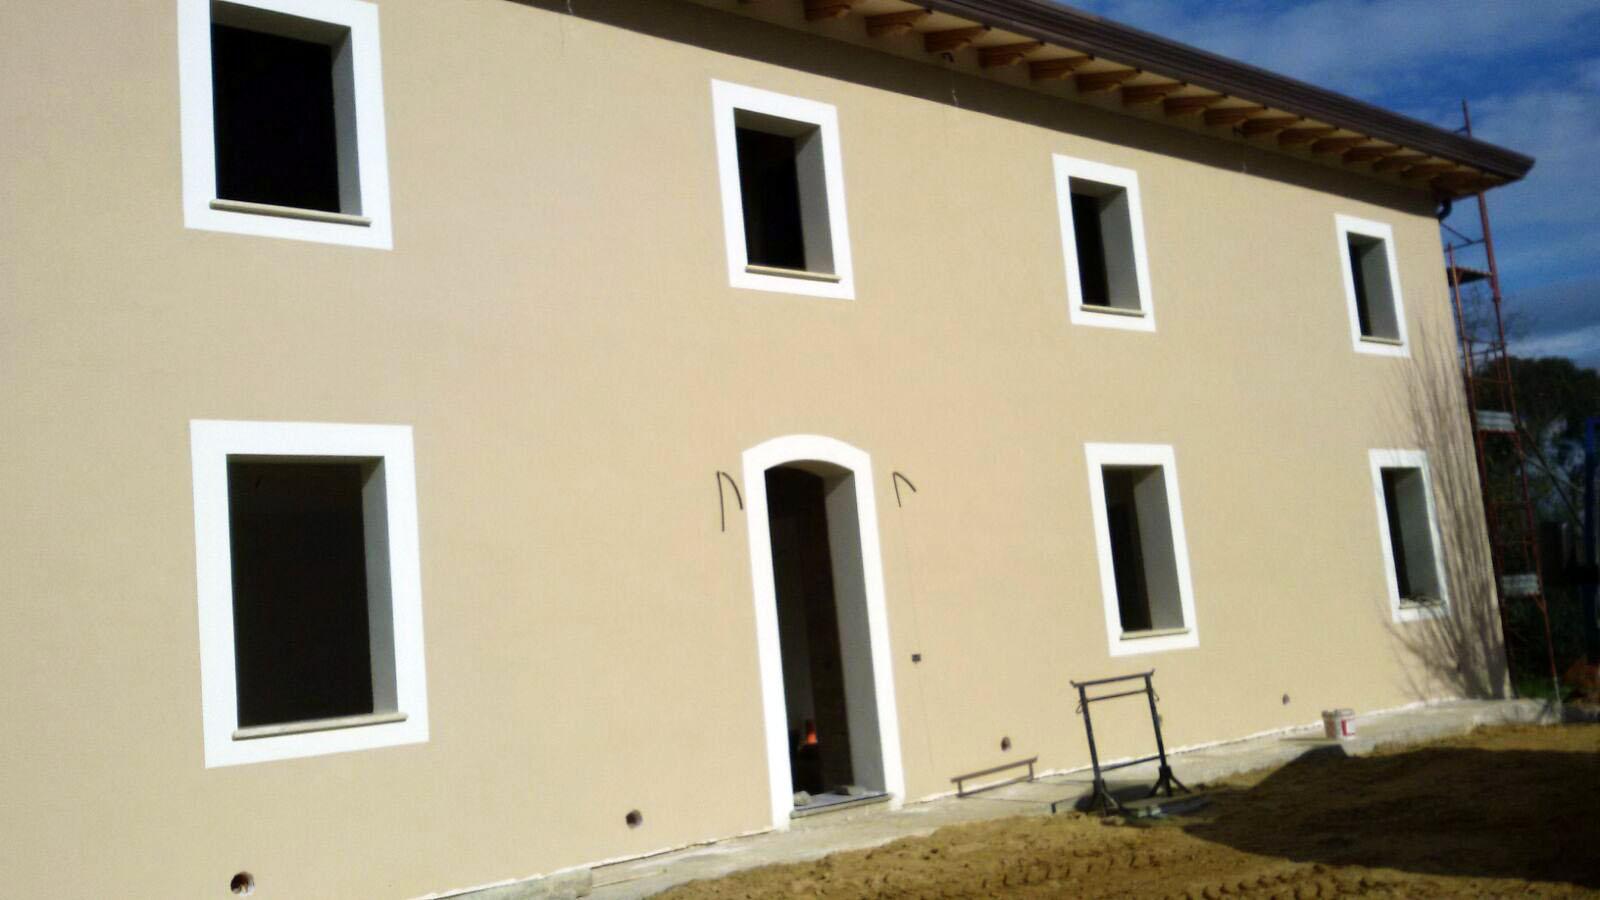 Intonaco esterno colorato cemento armato precompresso - Colori intonaco esterno ...